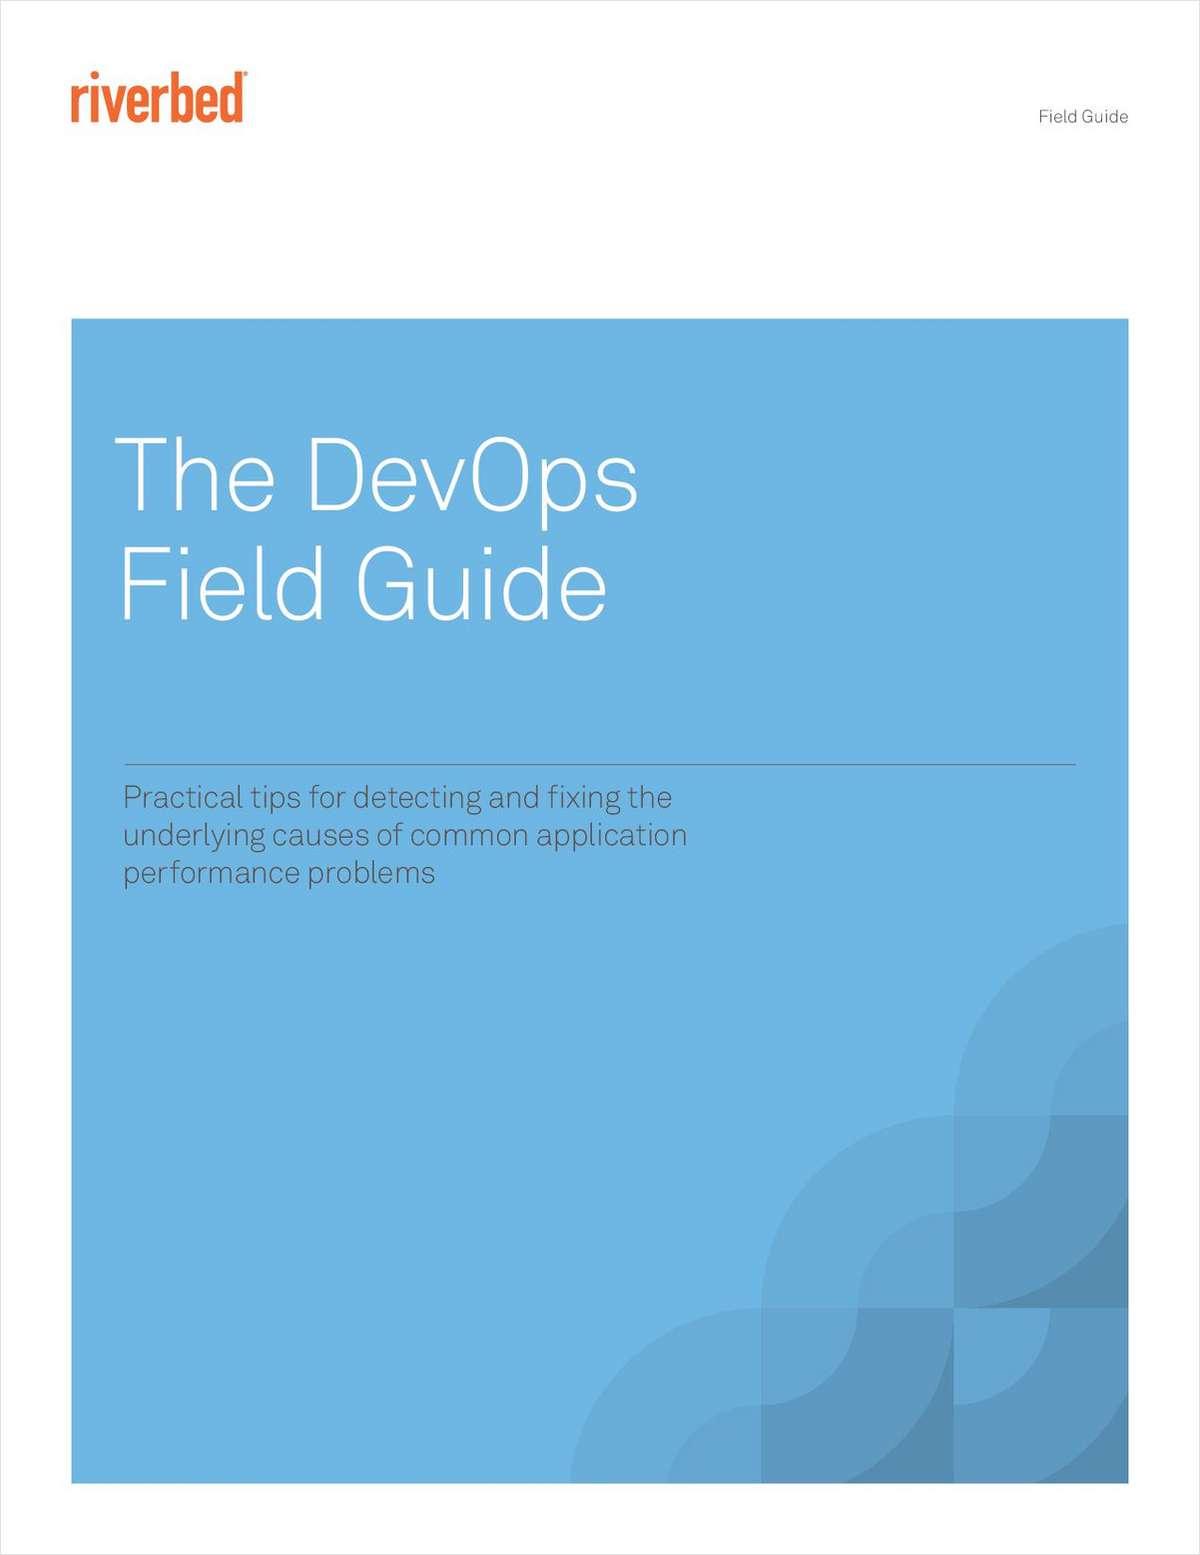 DevOps Field Guide